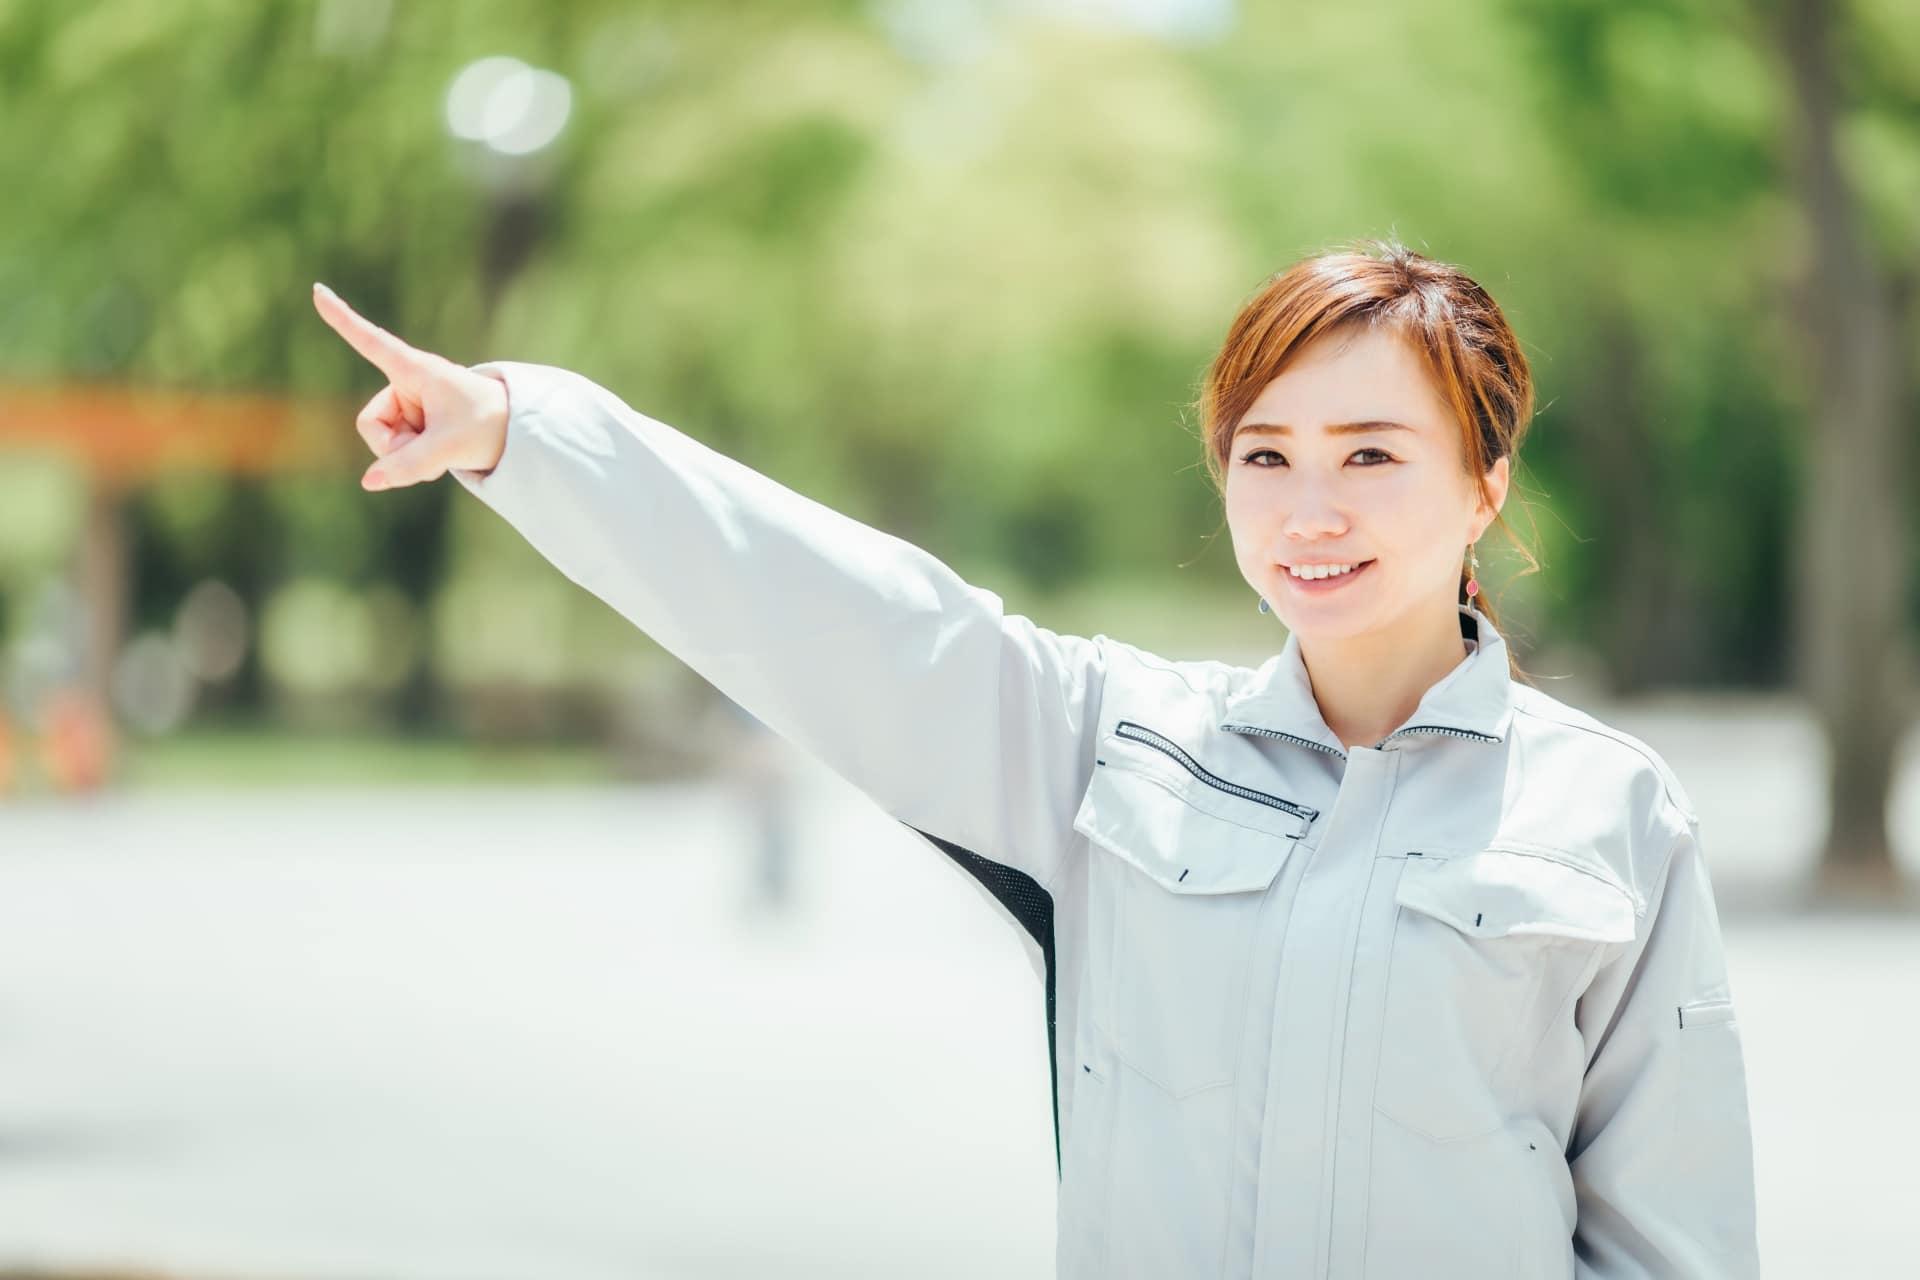 女性サーバーエンジニアのスペシャリストの画像